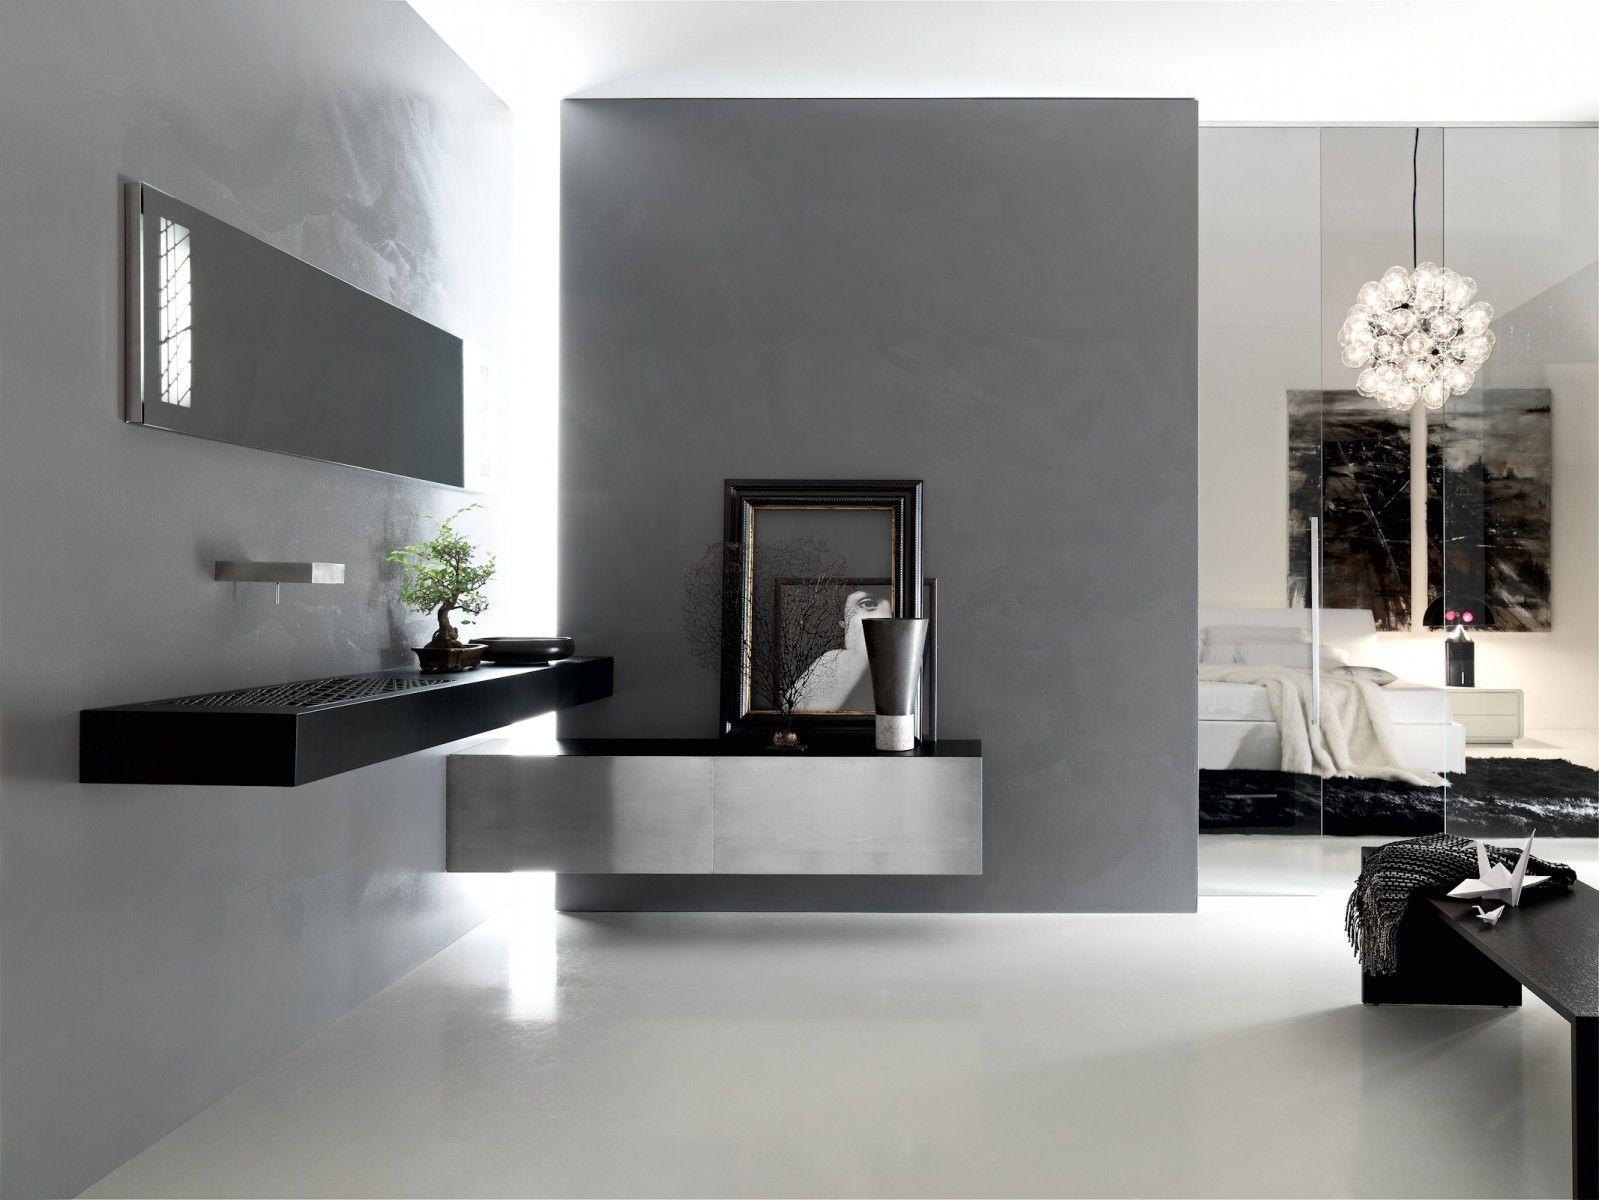 Diseño de cuartos de baño modernos [Fotos] | Forniture | Pinterest ...